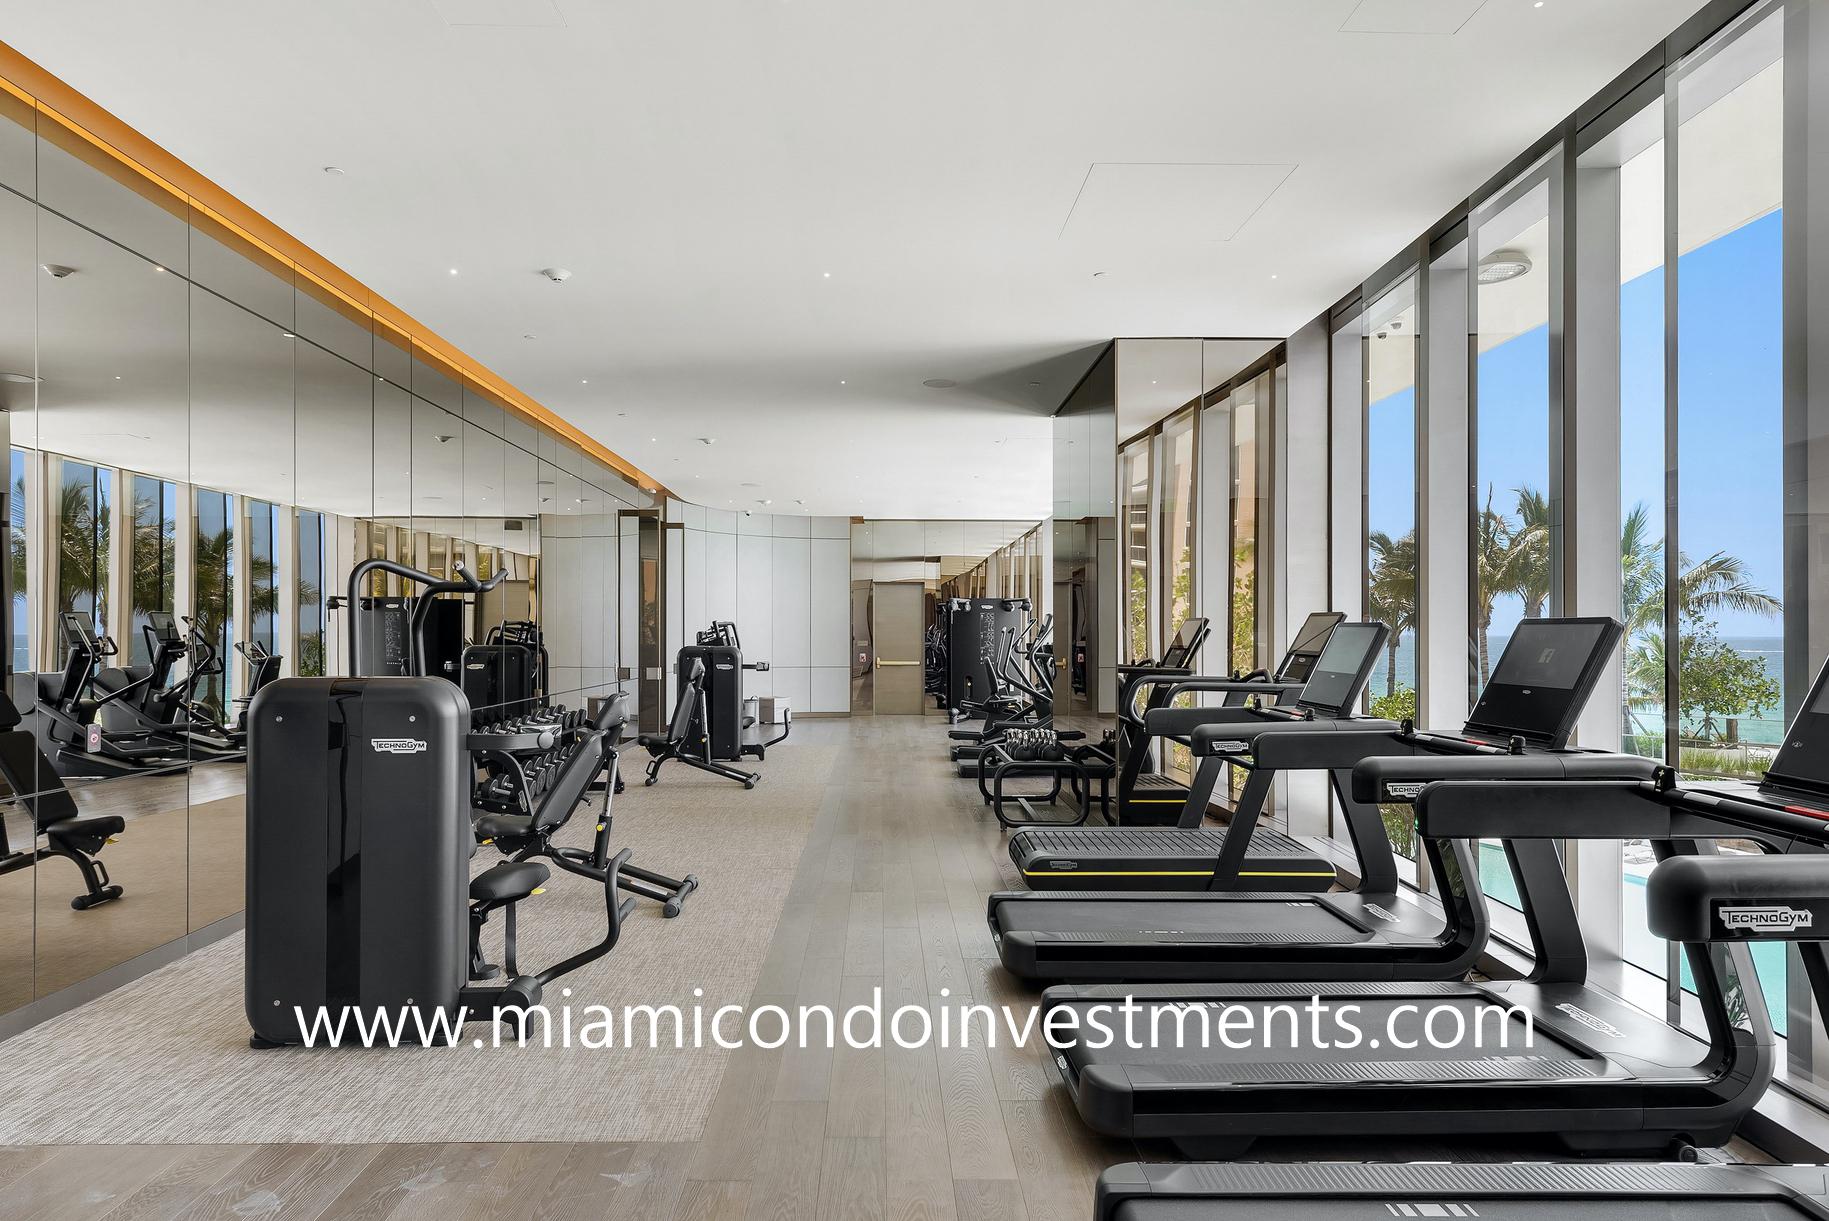 fitness center view ocean views